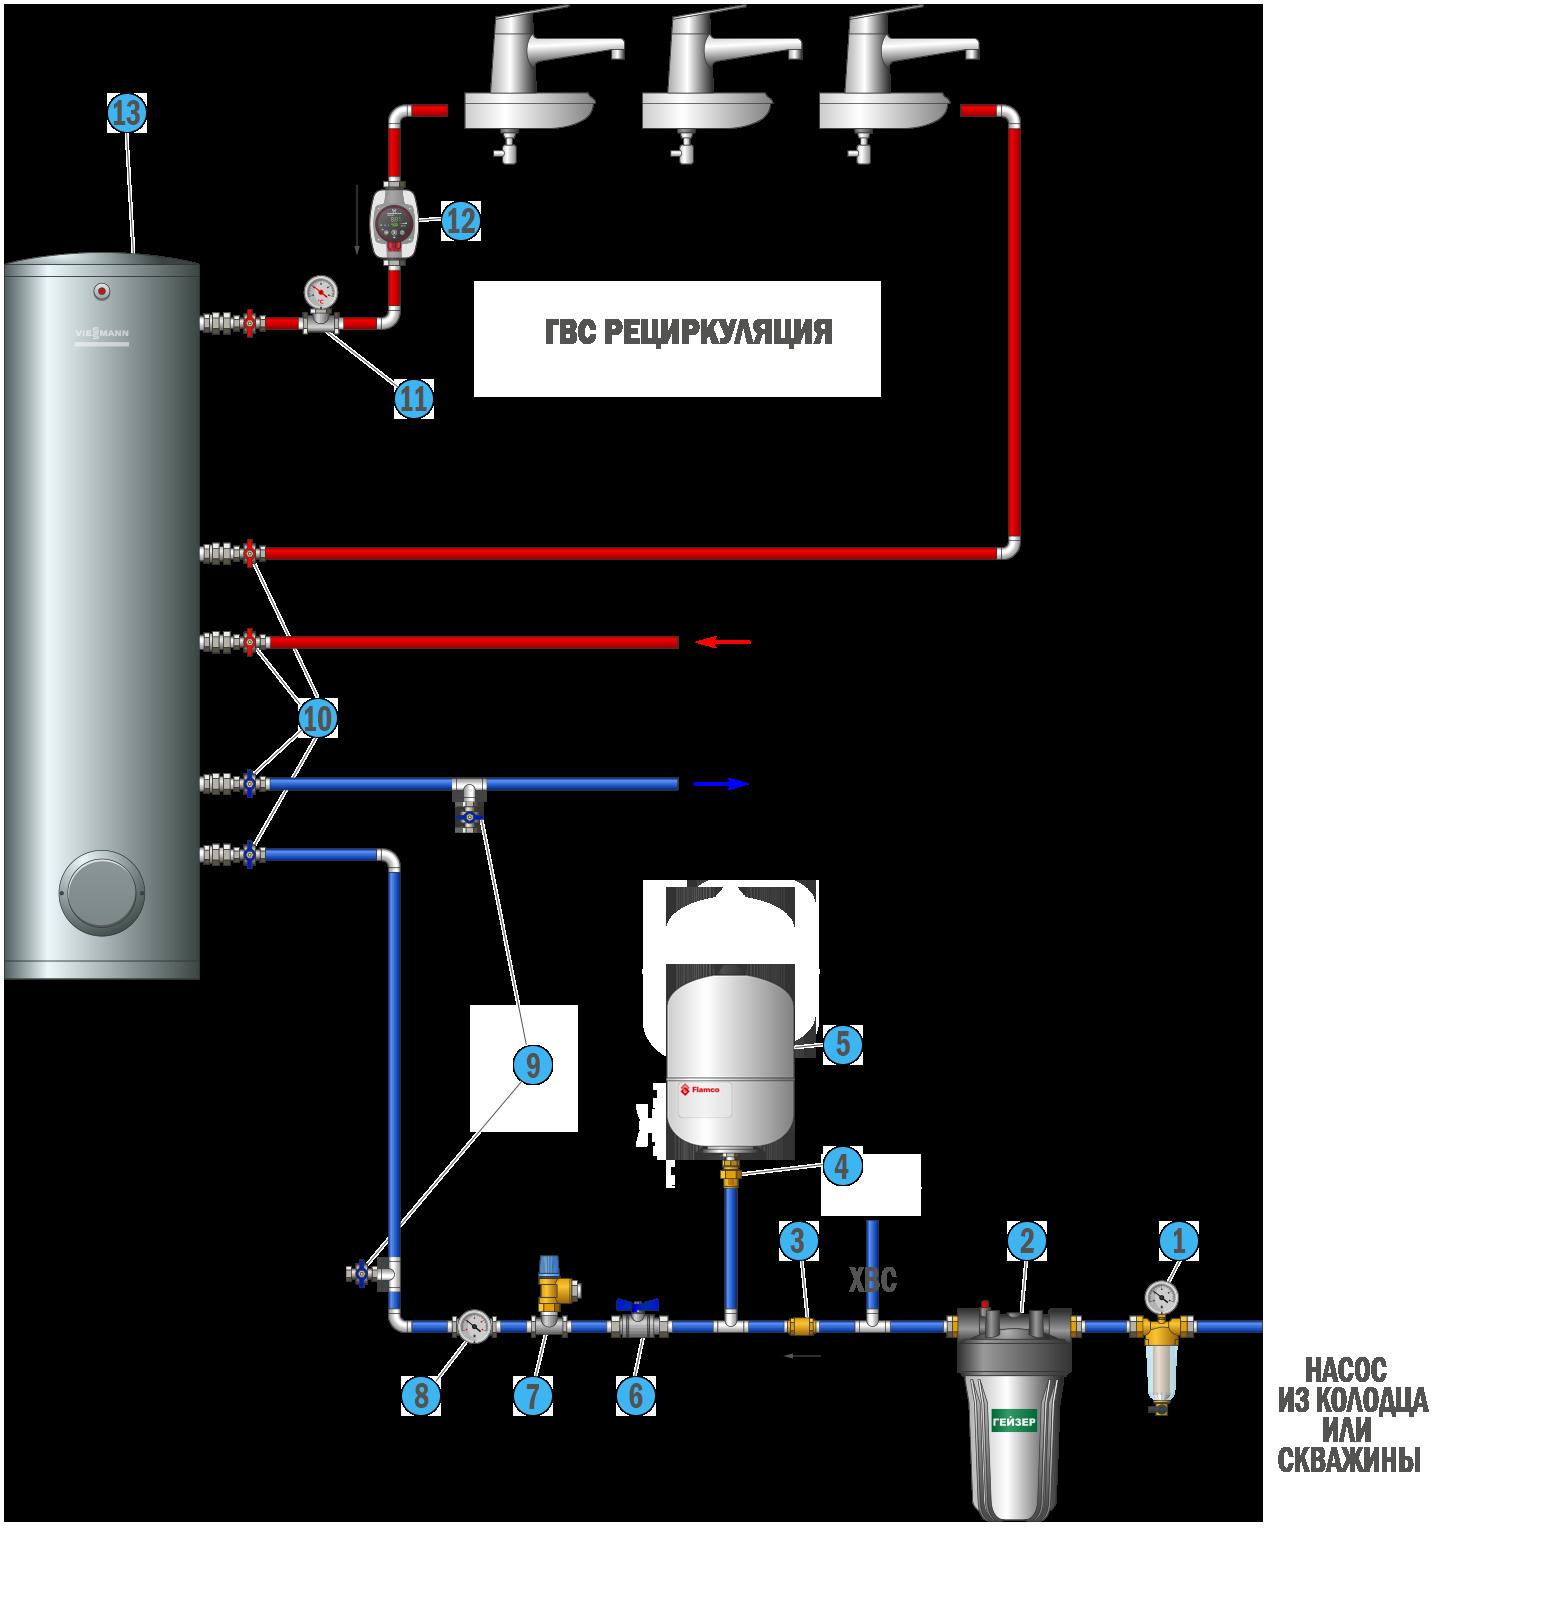 Бойлер косвенного нагрева: особенности устройства и принцип работы, а также все нюансы выбора водонагревателя